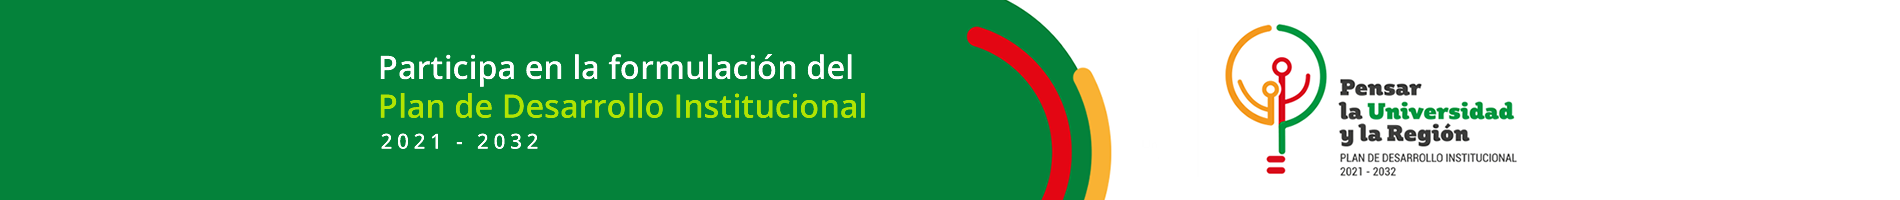 Banner-Principal-plan-U